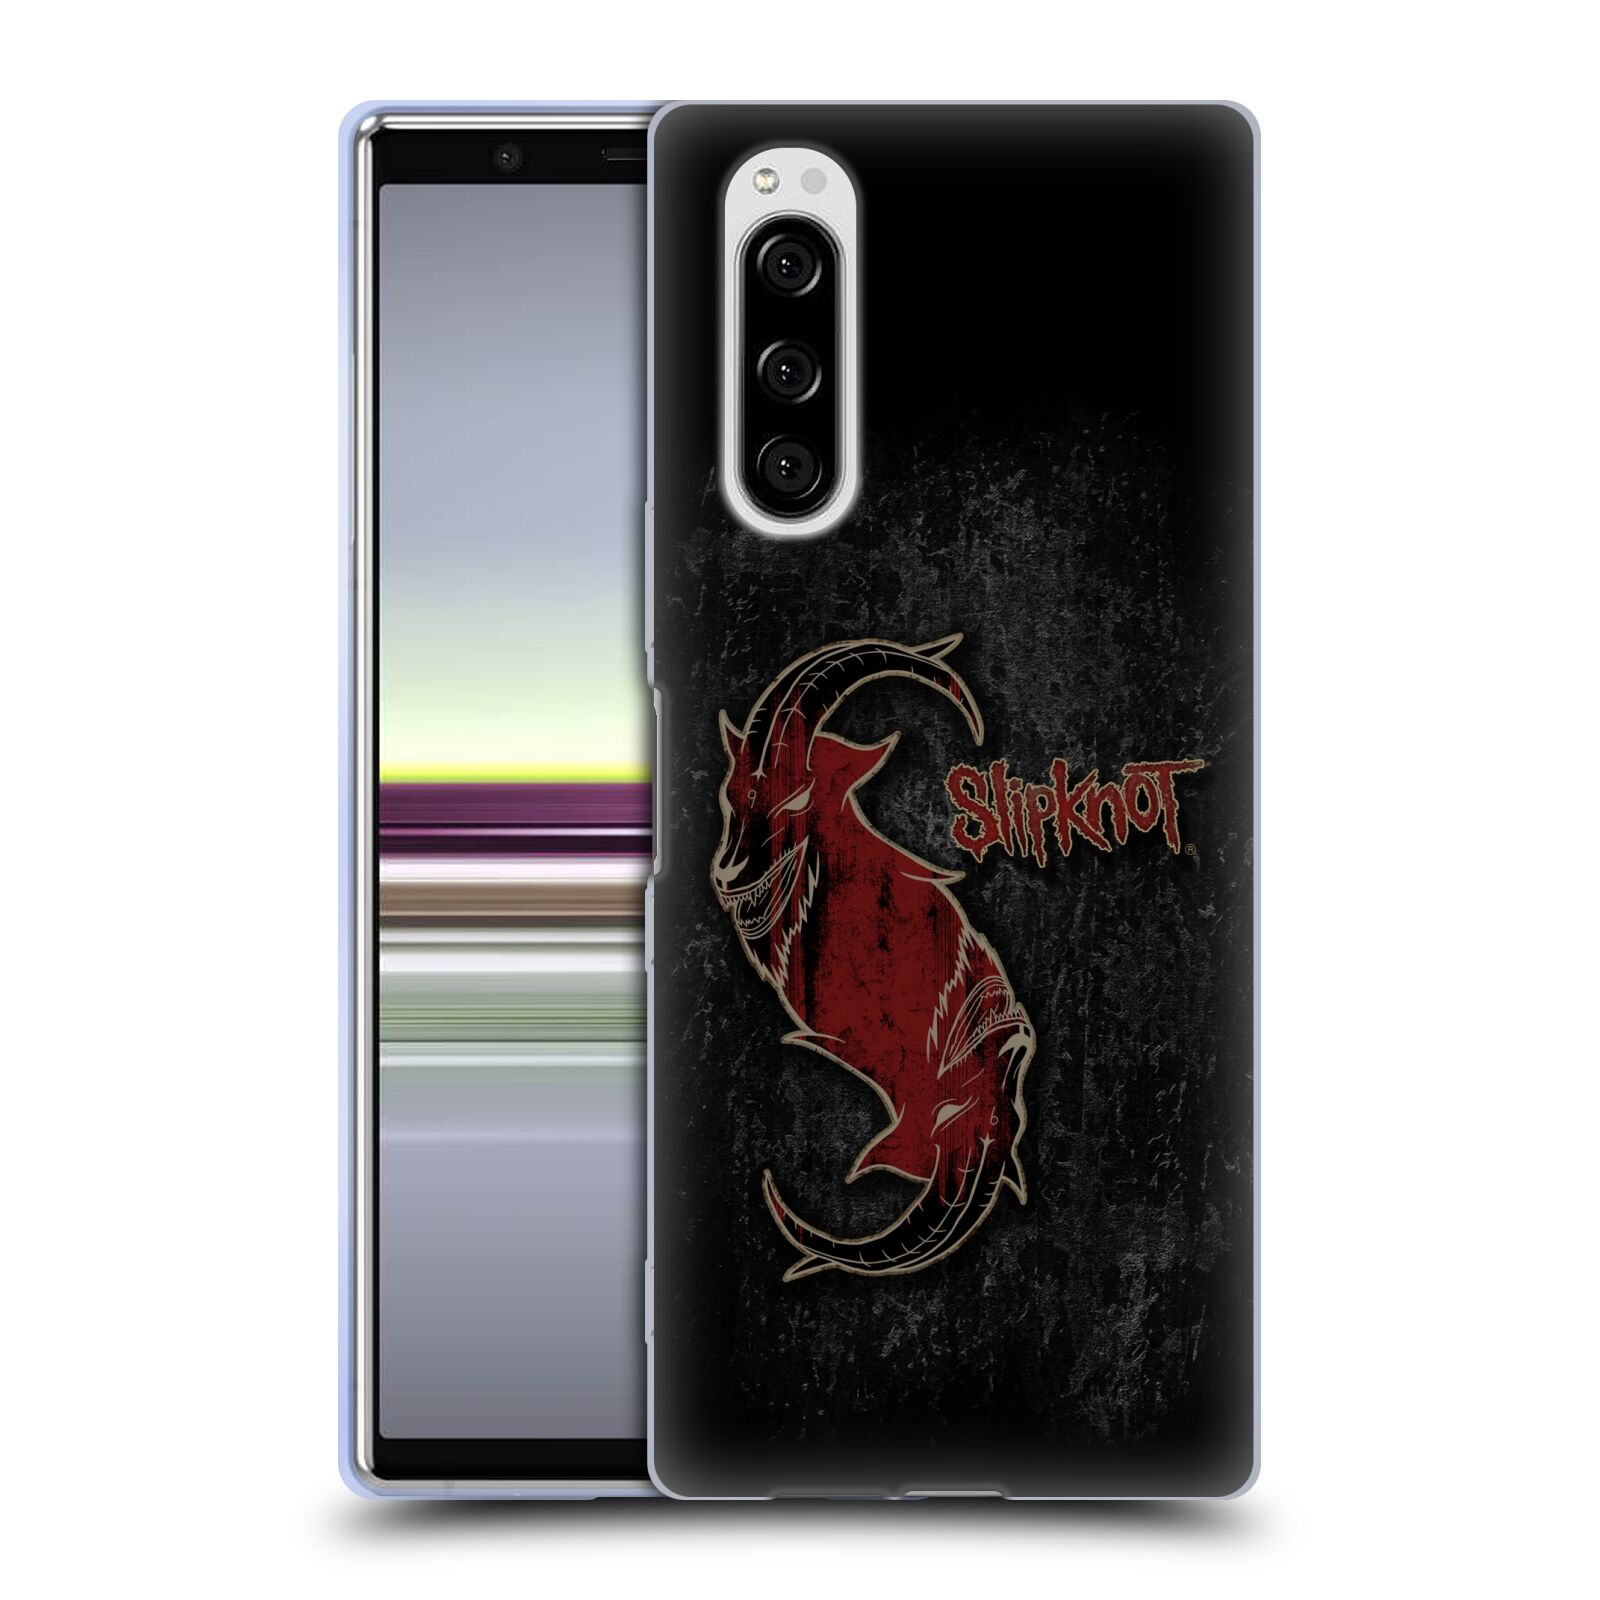 Silikonové pouzdro na mobil Sony Xperia 5 - Head Case - Slipknot - Rudý kozel